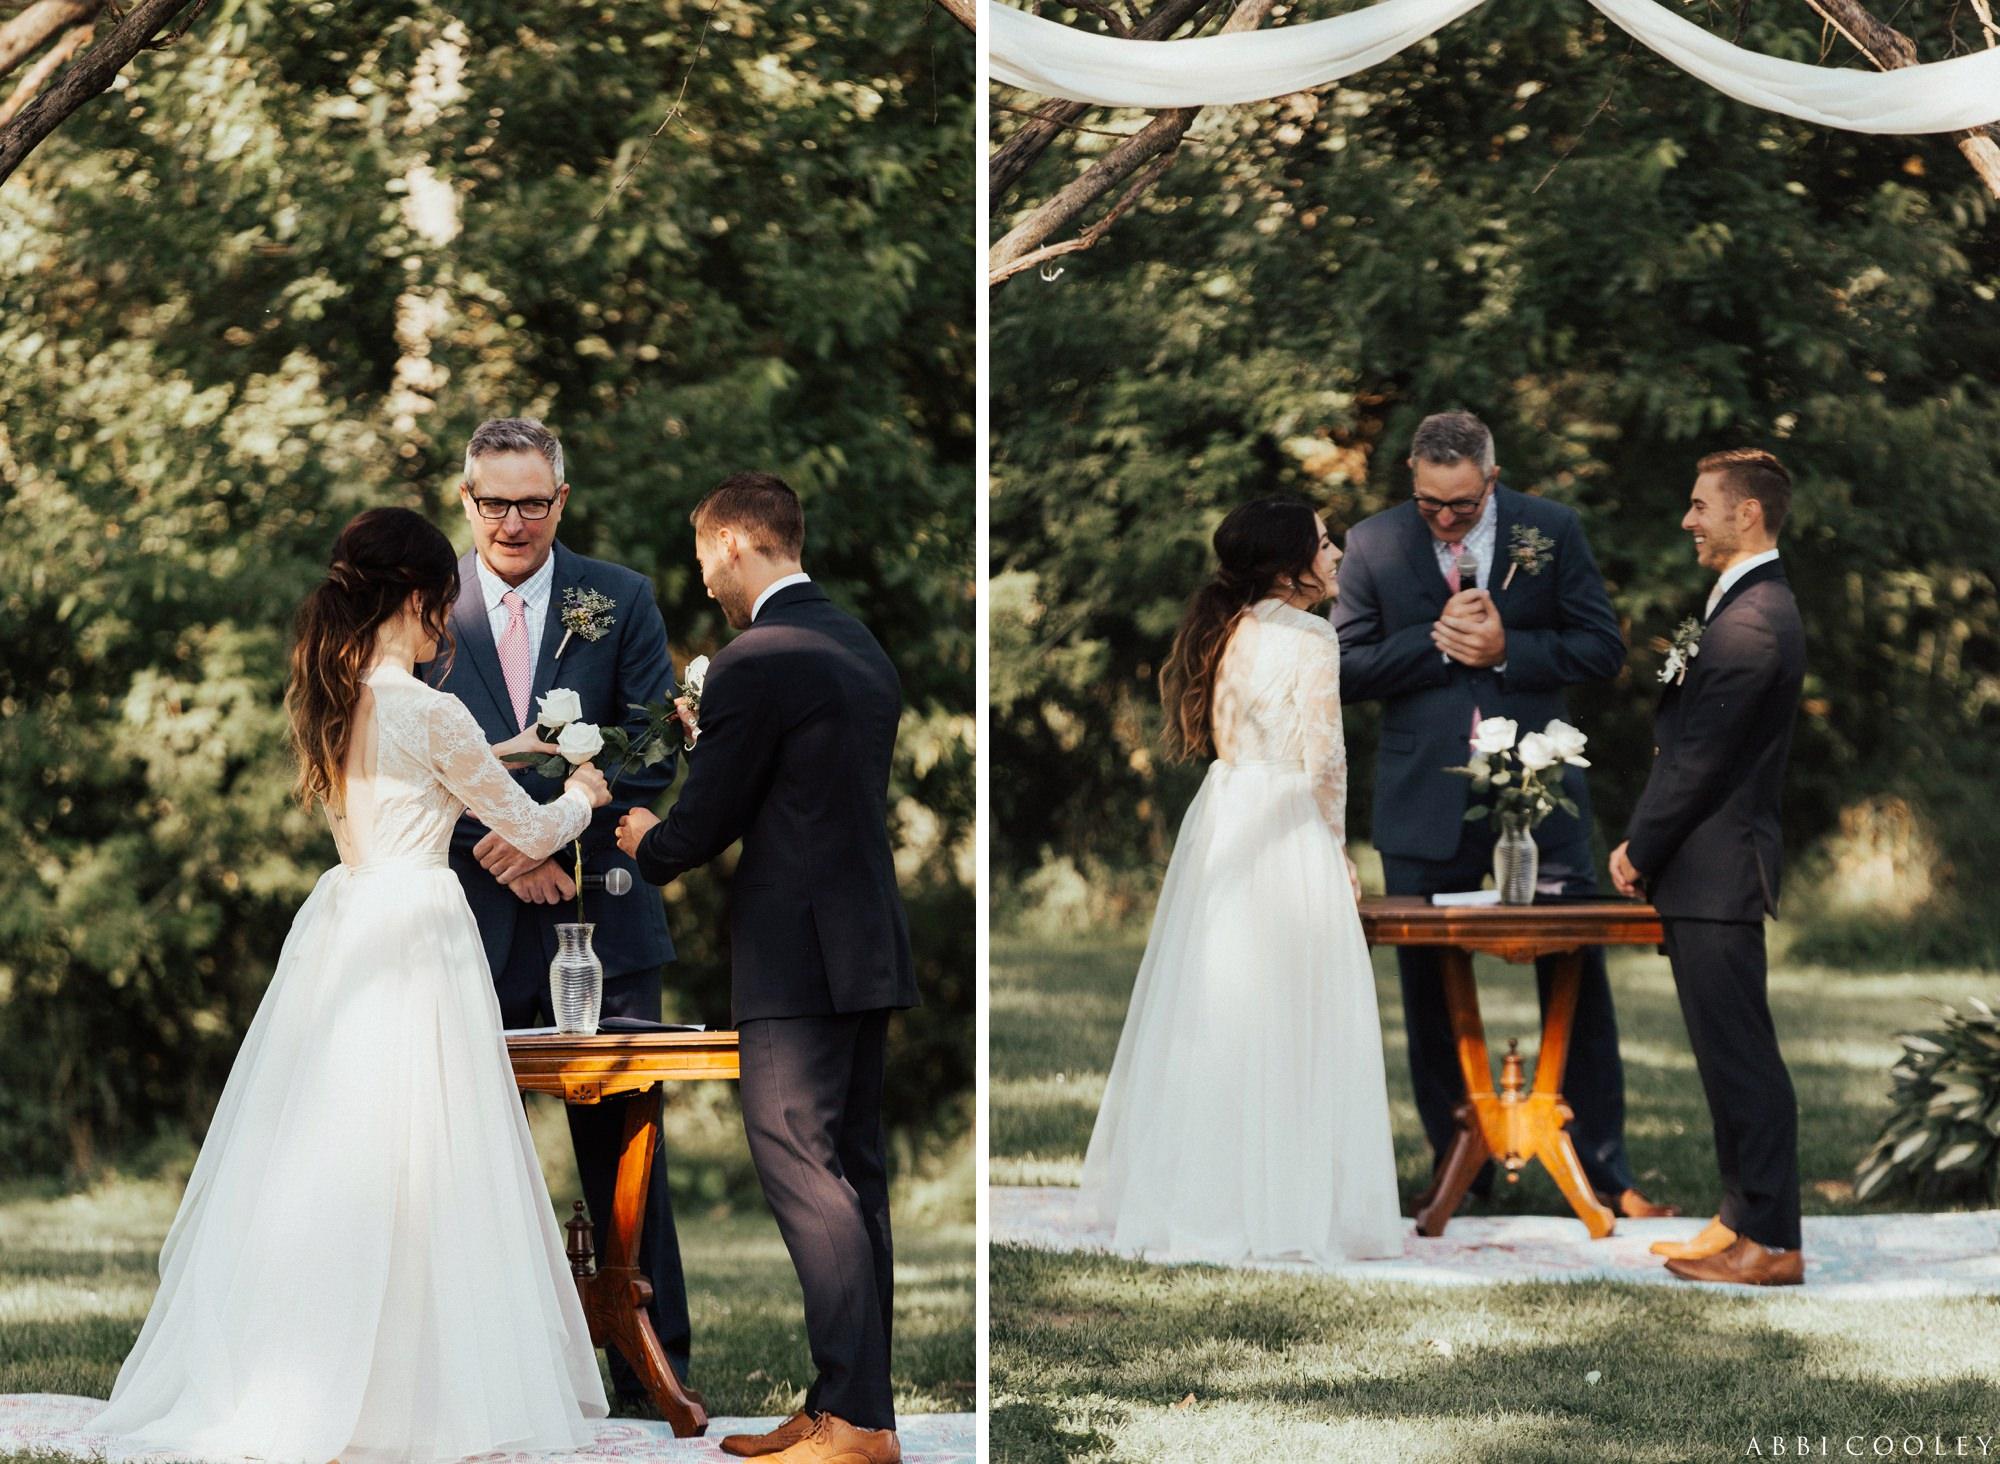 wedding officiant Oak Hill Farms Wedding